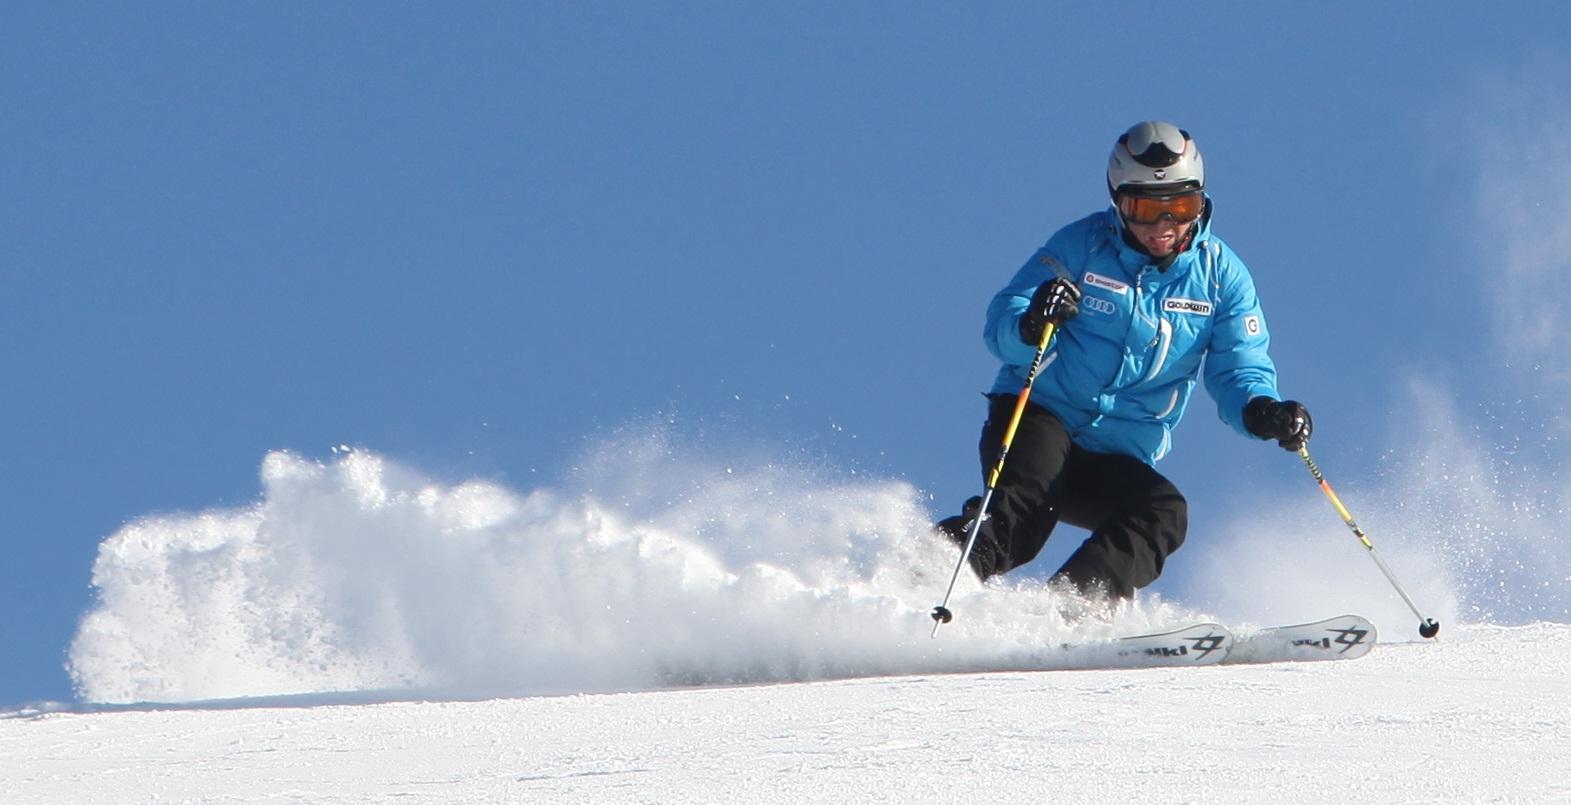 瑞士最佳滑雪场.jpg4